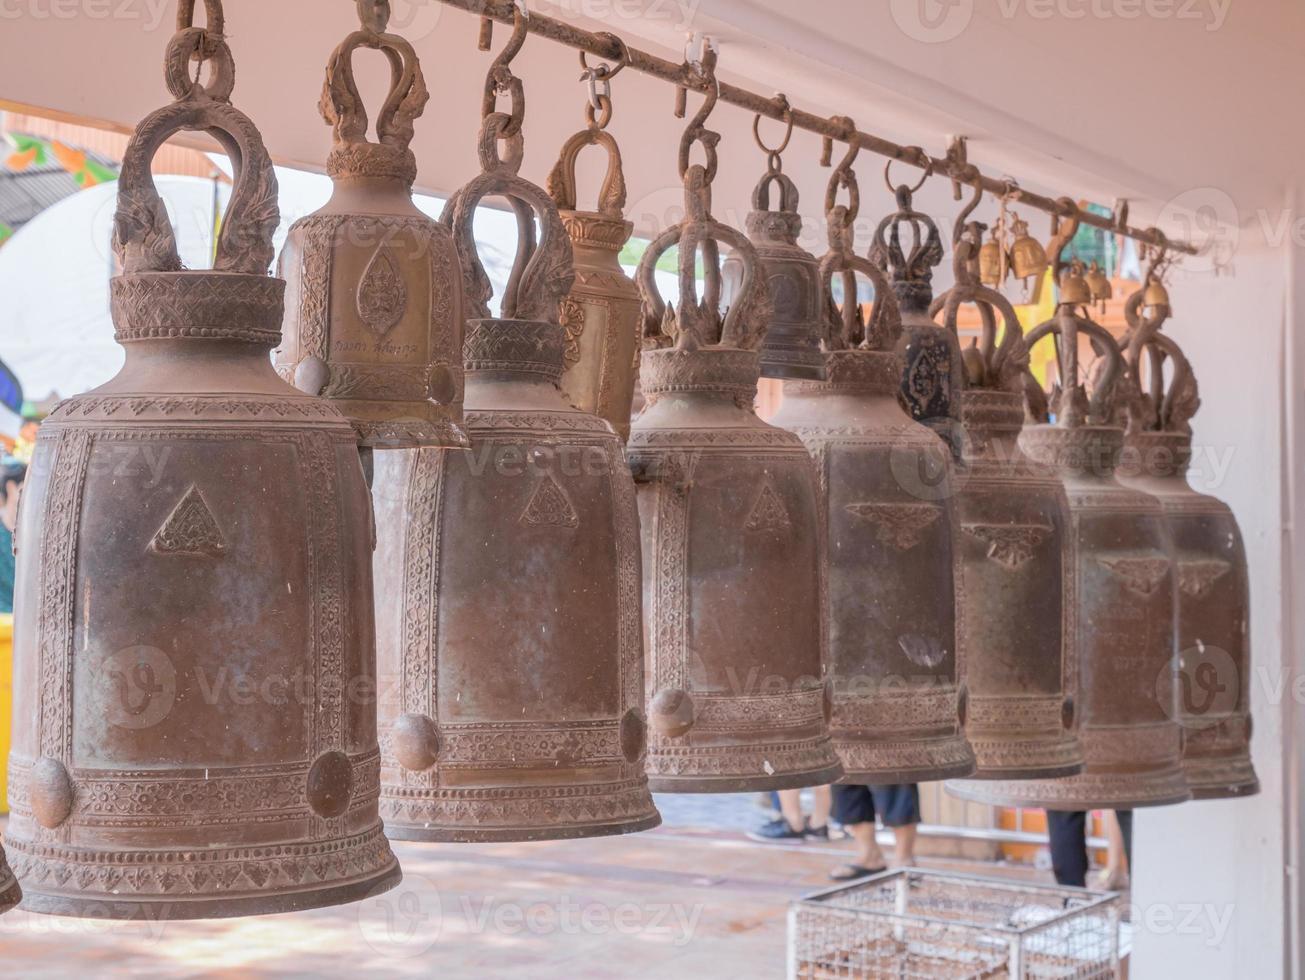 cloches dans un temple bouddhiste photo